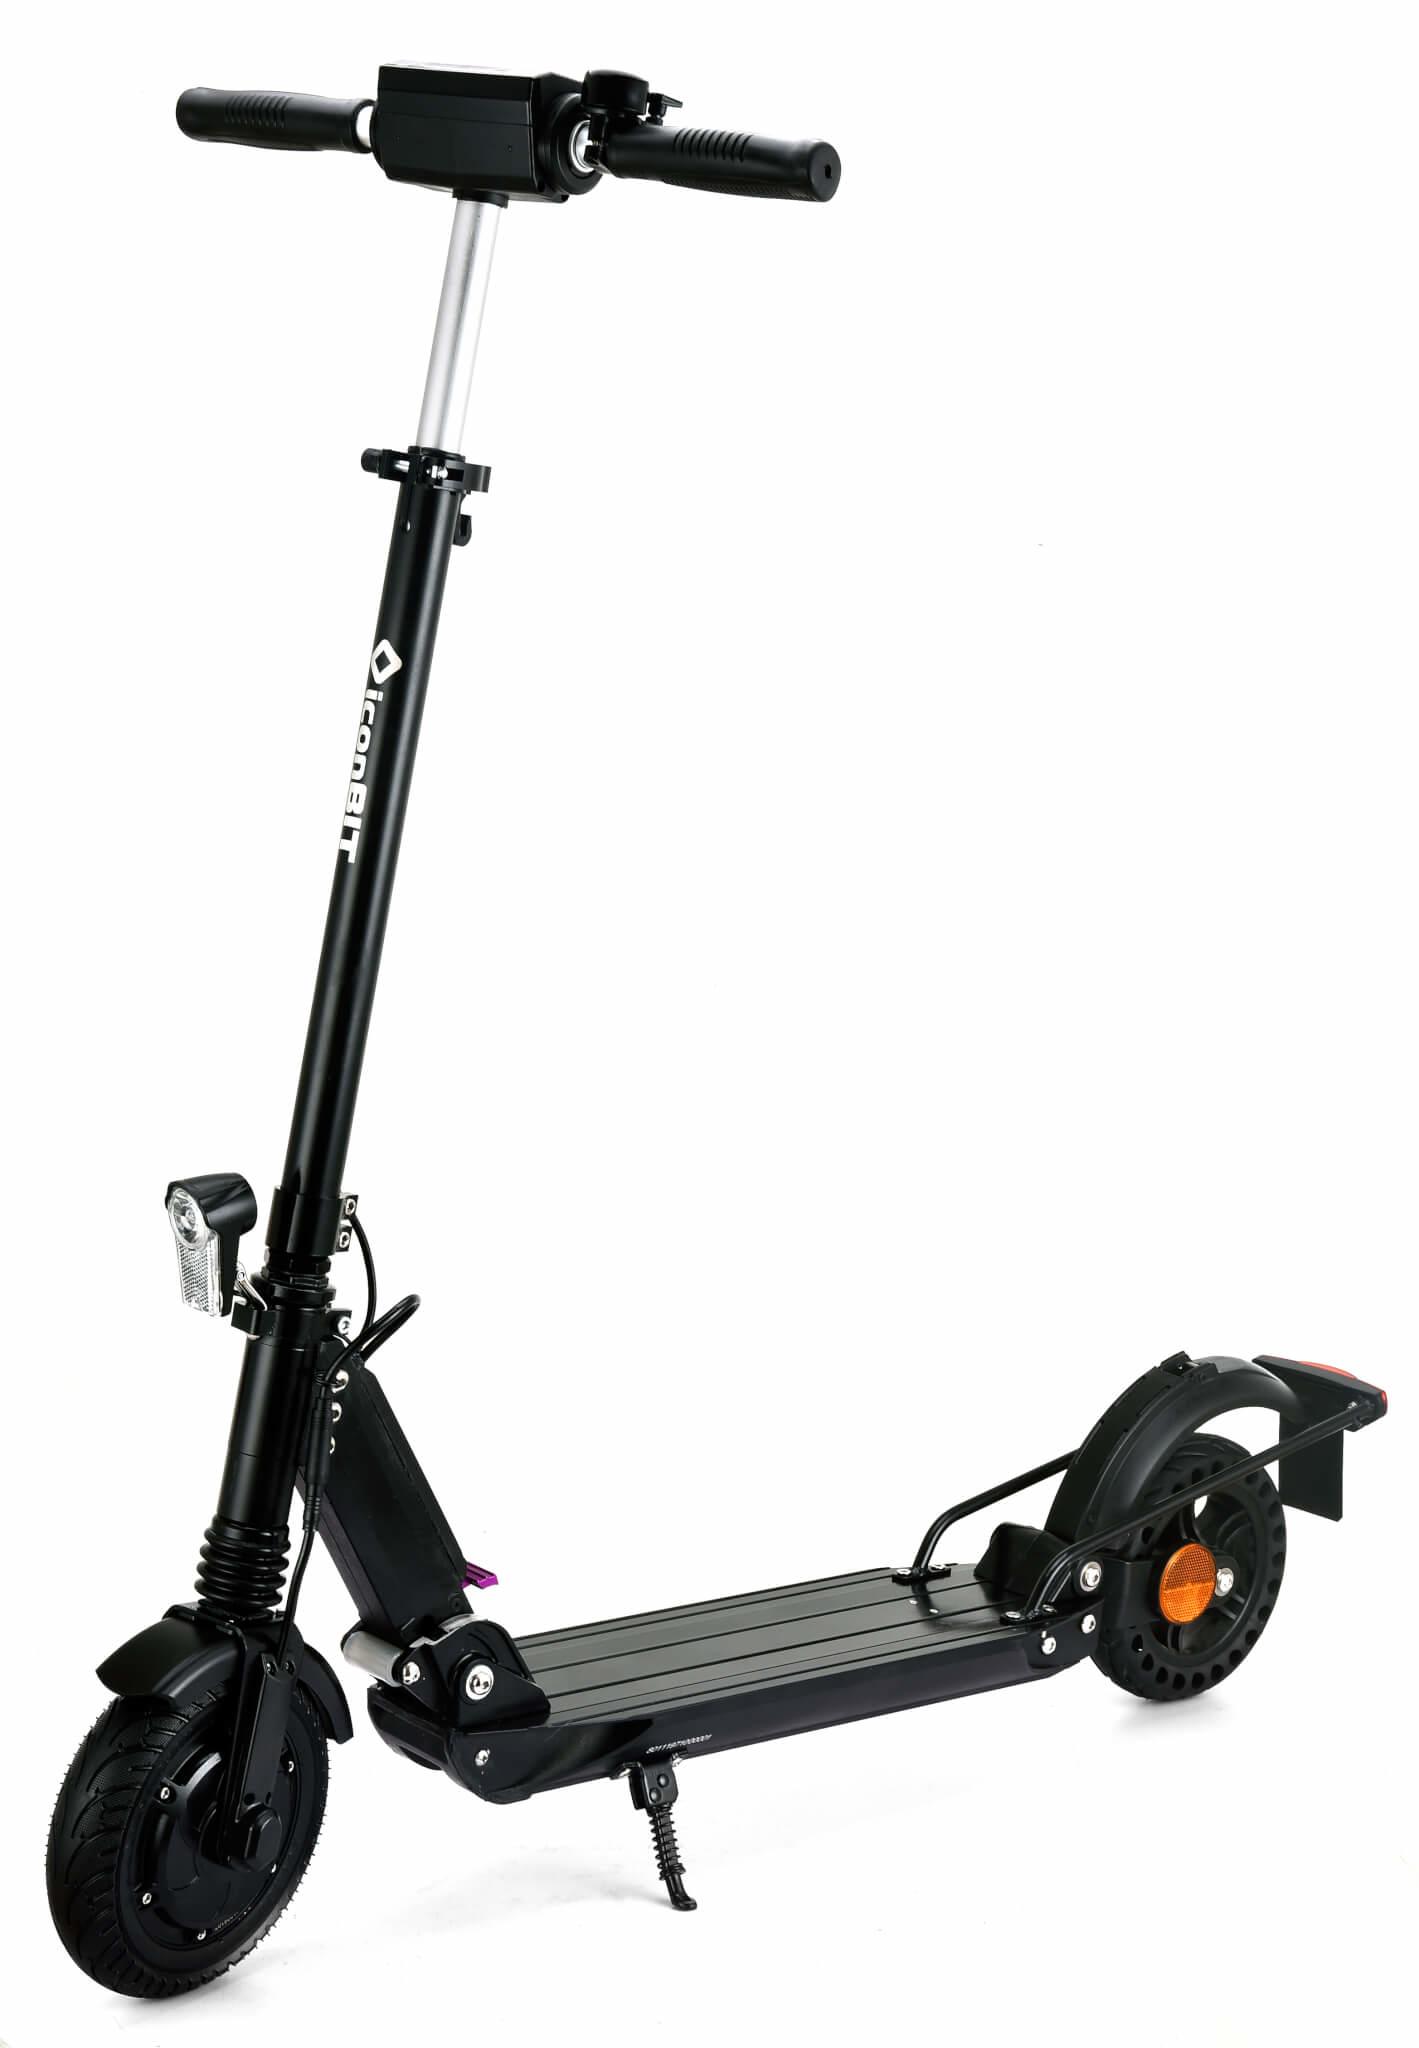 iconBIT Tracer Street - Stunt scooter - 20 km/h - 100 kg - Beide Geschlechter - Schwarz - 2 Rad/Räder